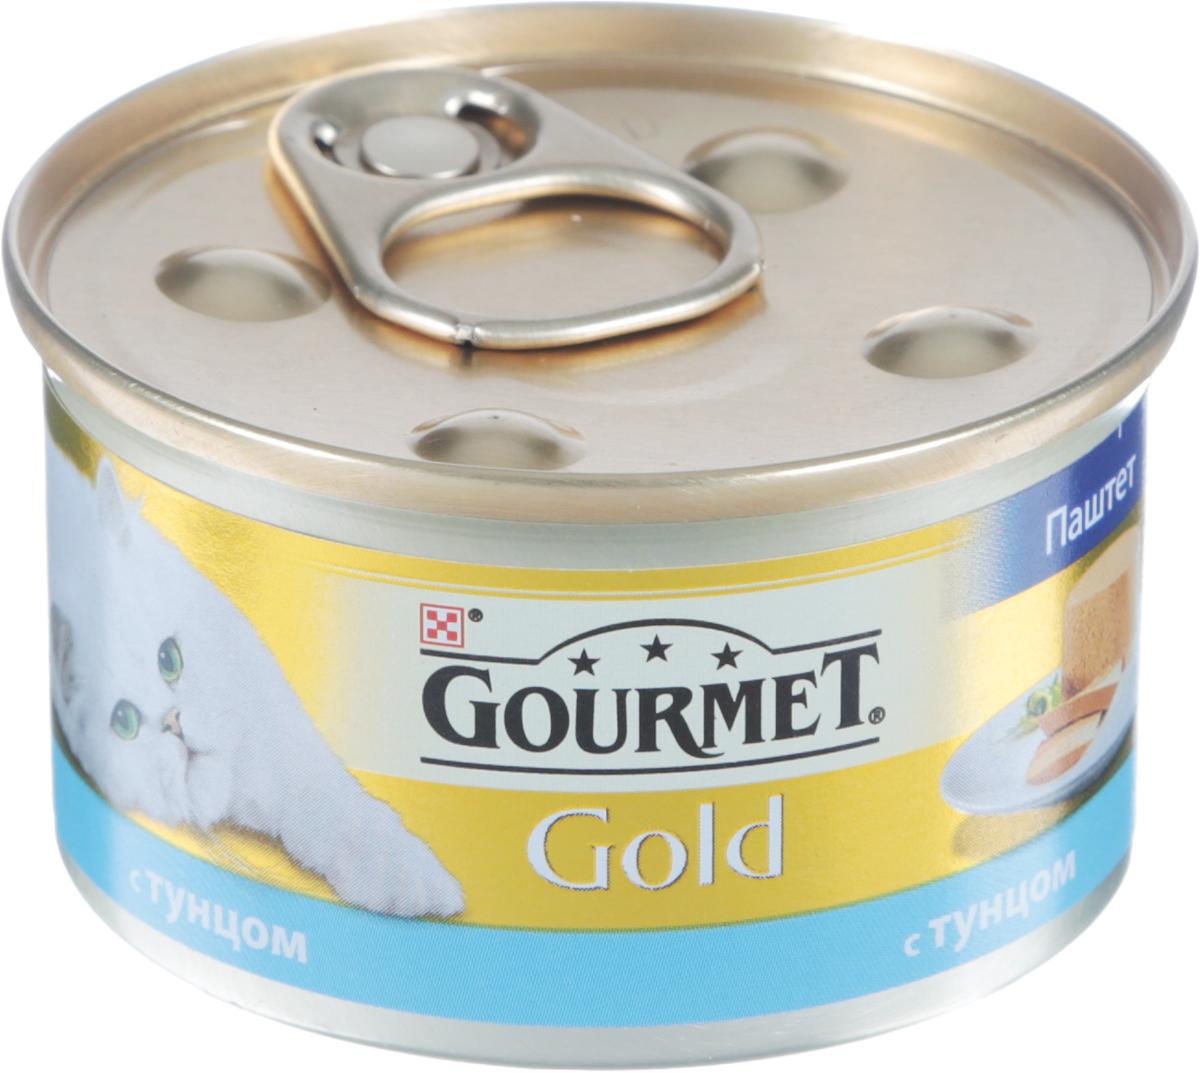 Консервы Gourmet Gold для кошек, паштет с тунцом, 85 г овощерезка salad gourmet bradex